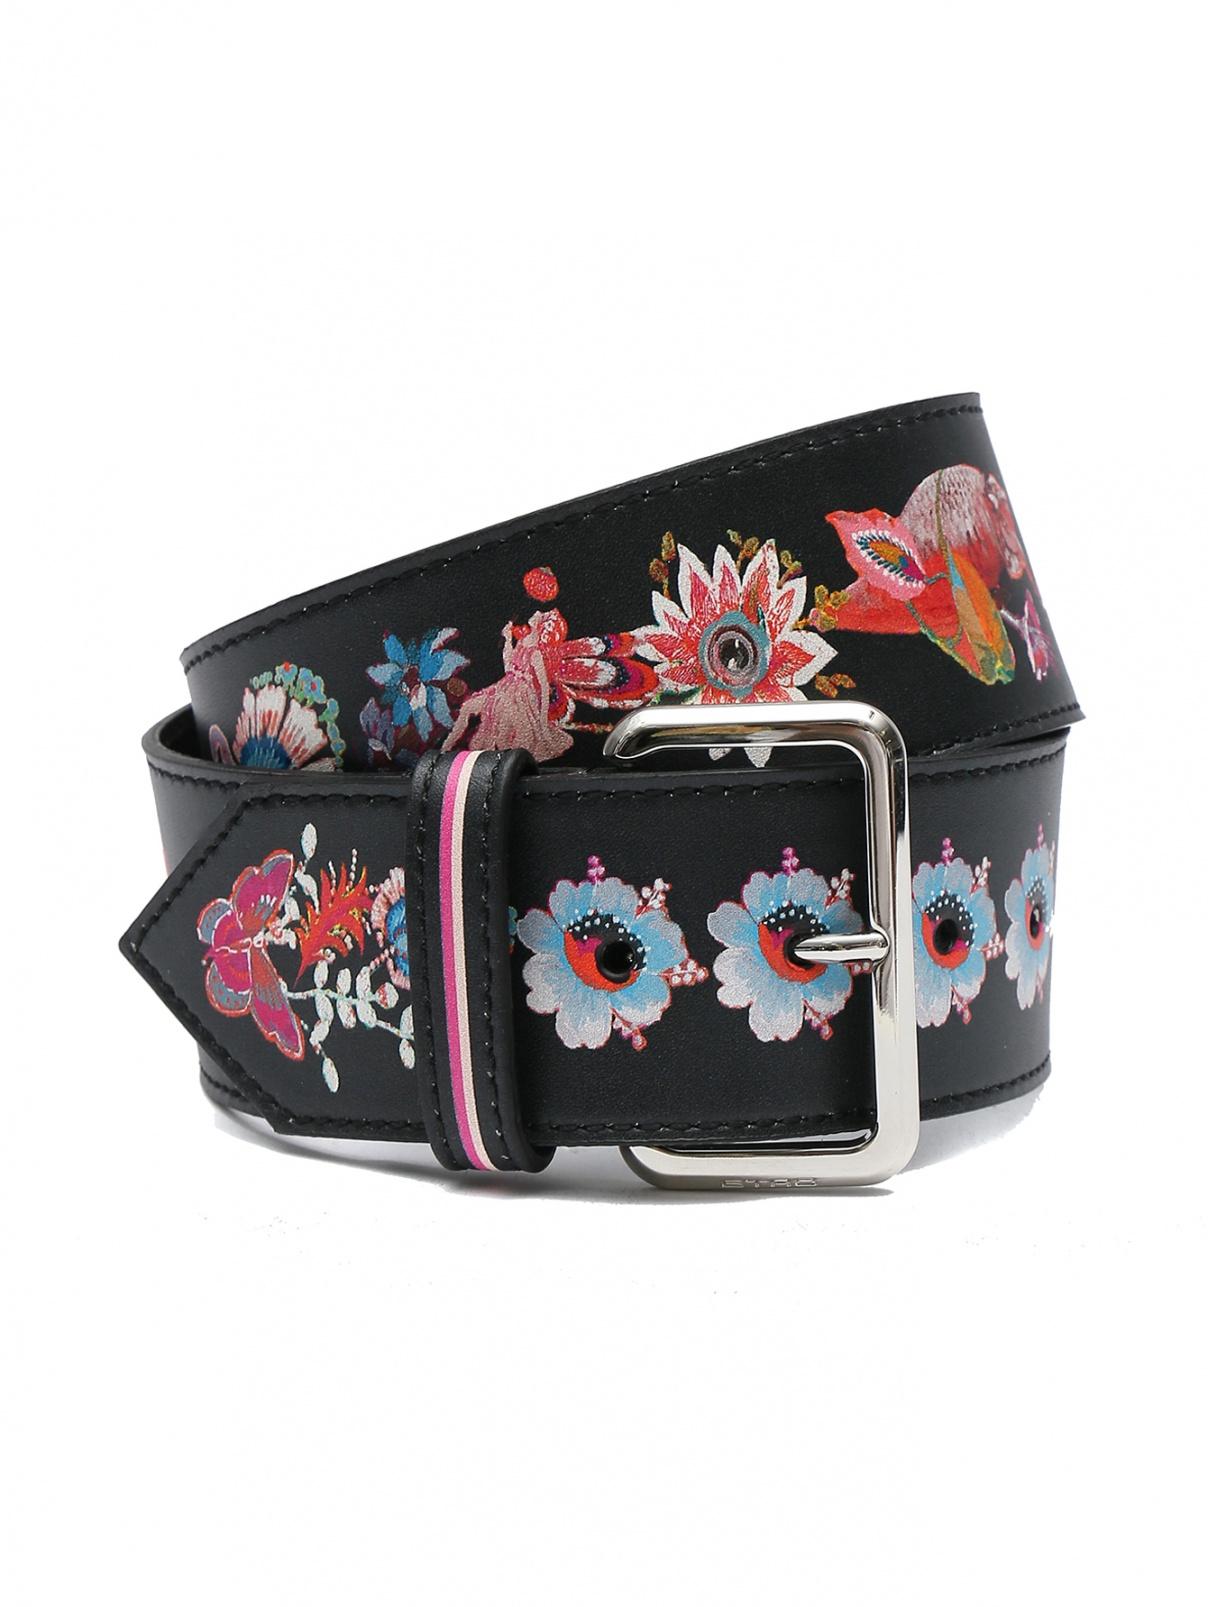 Ремень кожаный с флористическим принтом Etro  –  Общий вид  – Цвет:  Черный